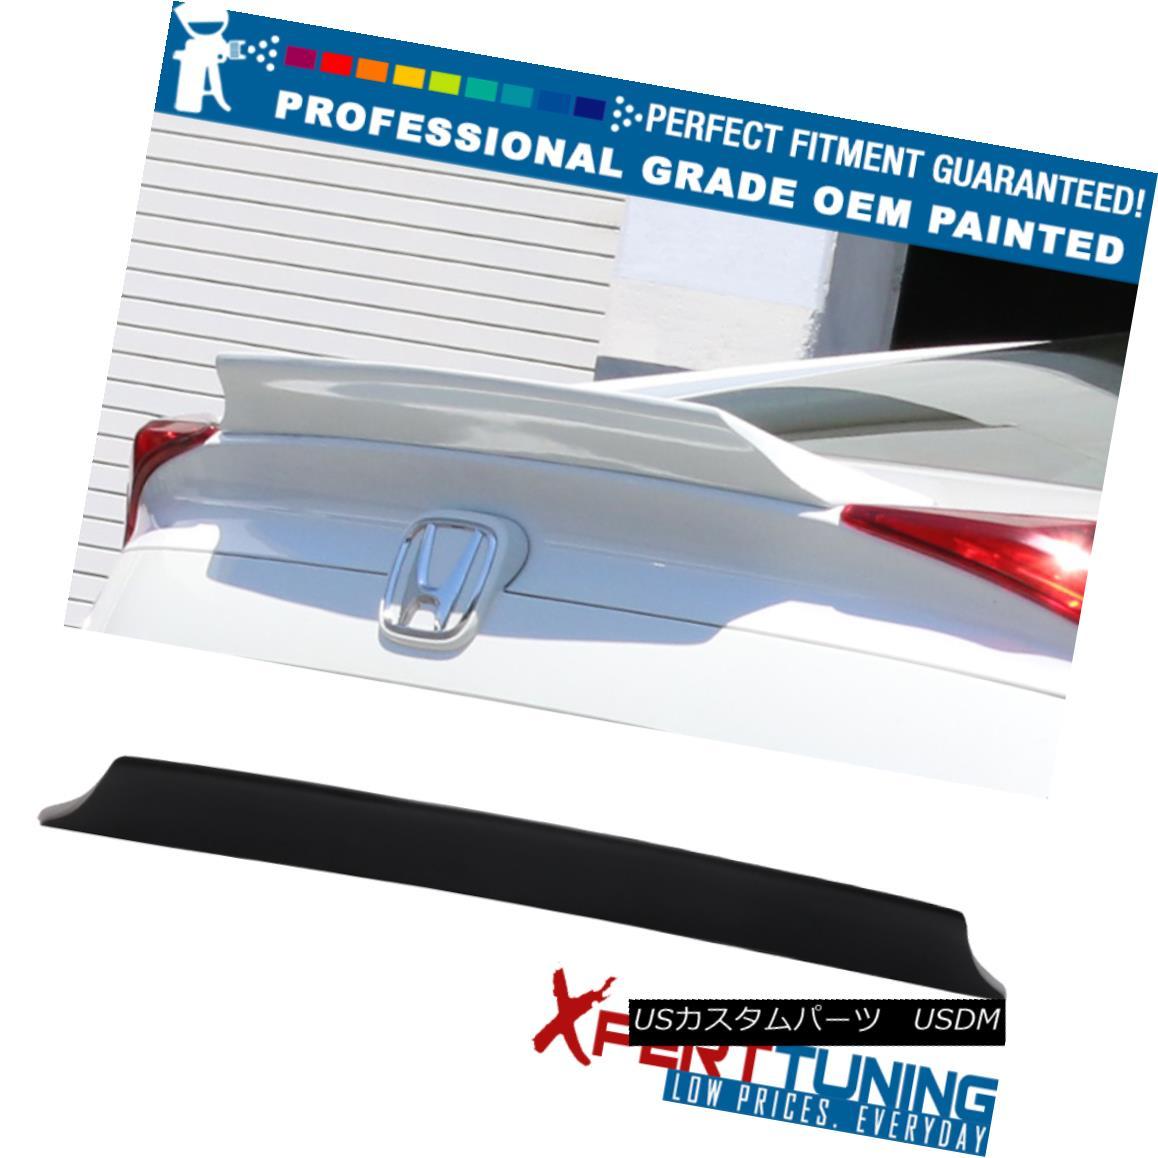 エアロパーツ 16-18 10th FC Civic Sedan IKON Painted ABS Trunk Spoiler - OEM Painted Color 16-18 10th FCシビックセダンIKON塗装ABSトランクスポイラー - OEM塗装色